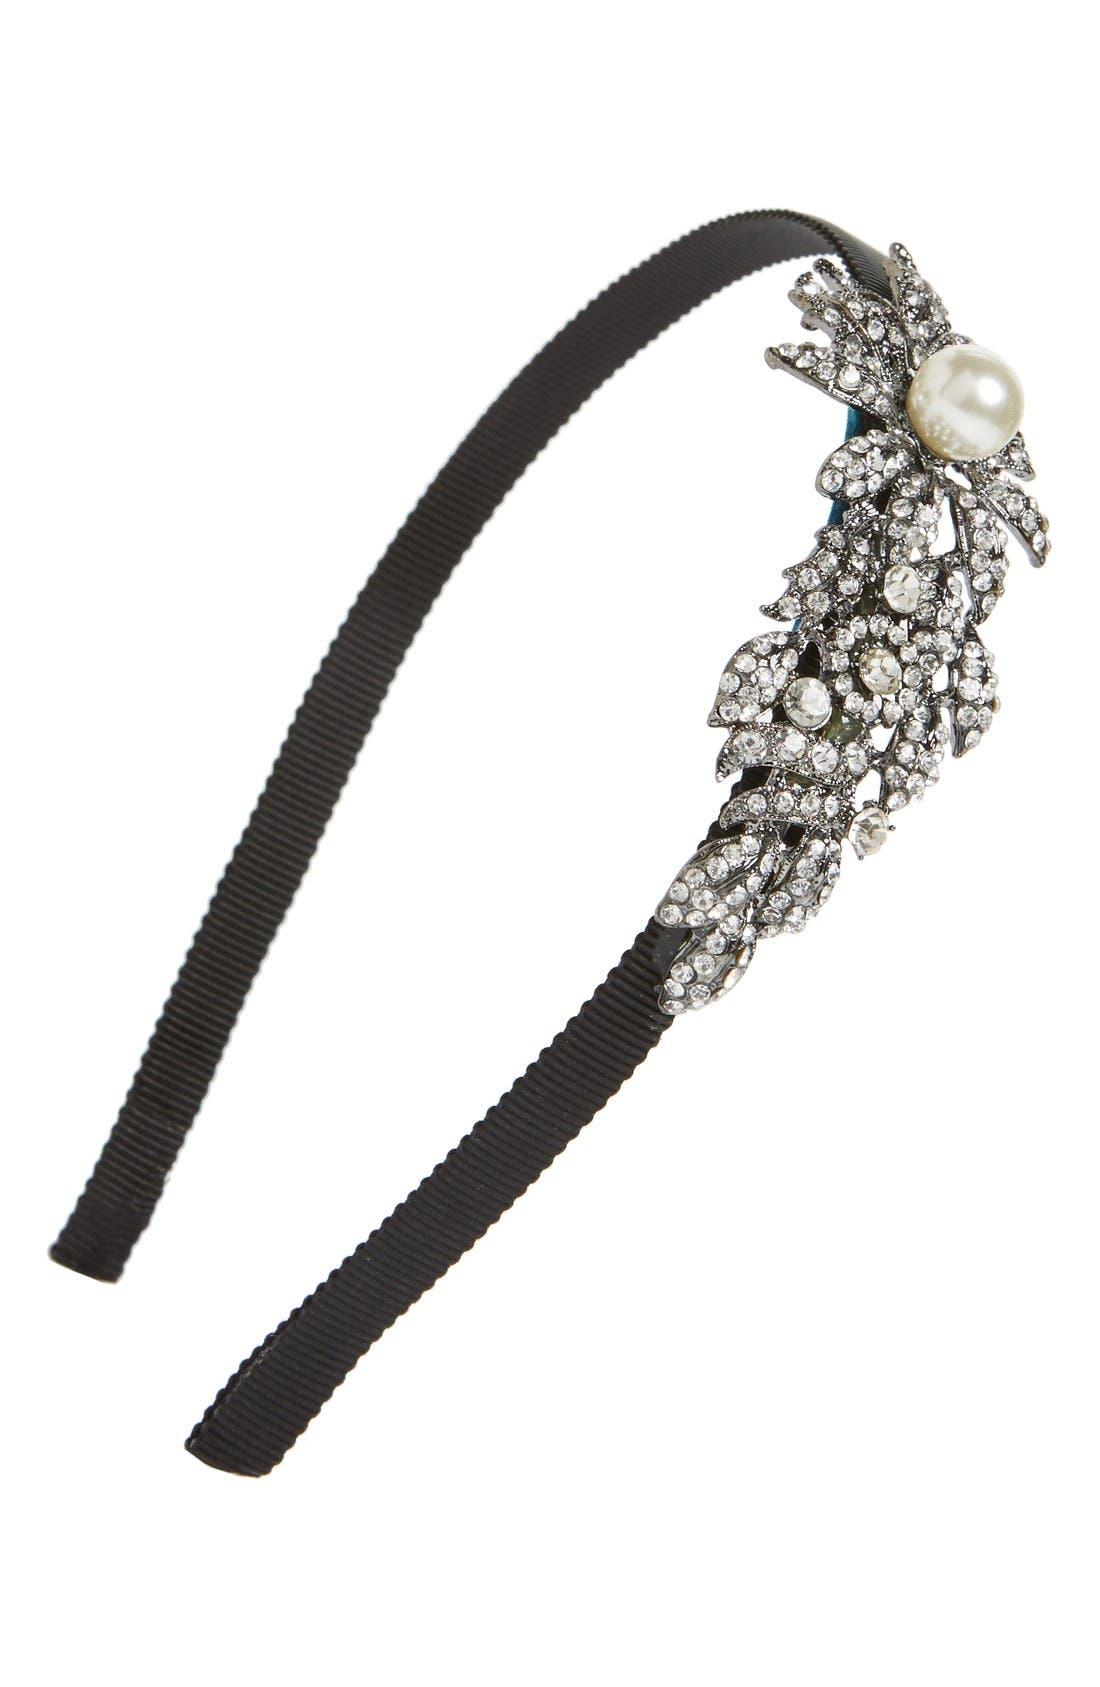 Alternate Image 1 Selected - Tasha Bead & Crystal Flower Headband